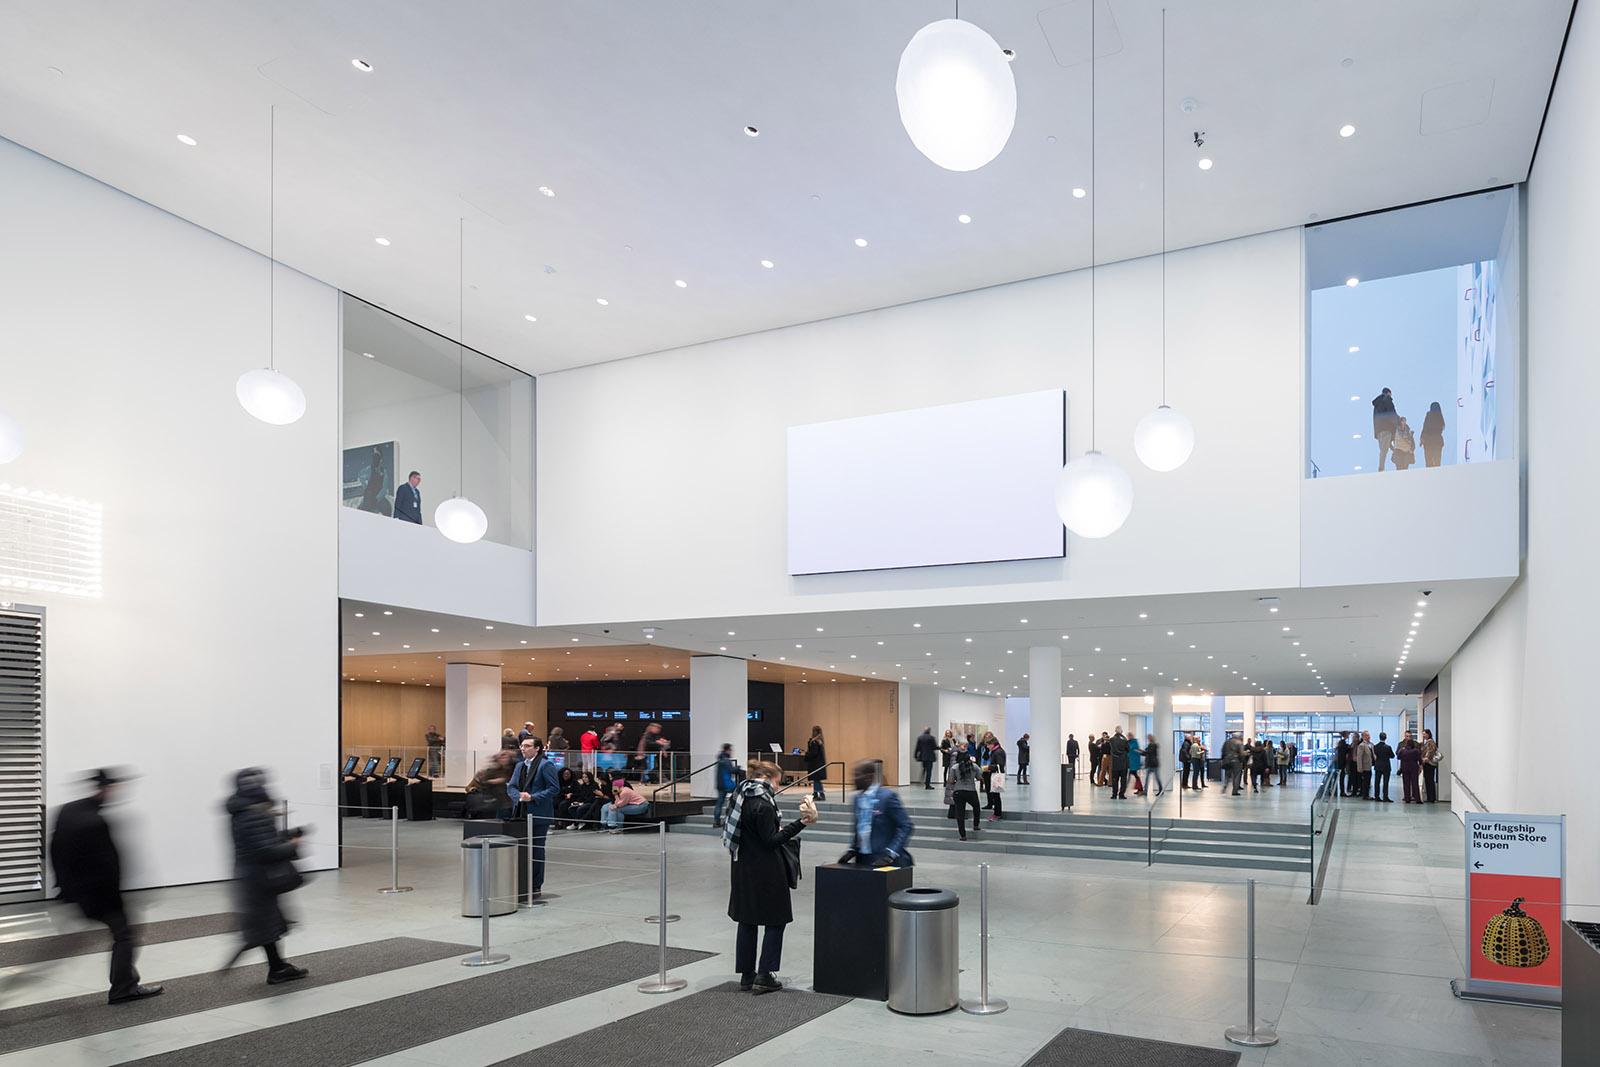 lobi baru museum seni modern sangat luas, di mana sebelumnya sempit mengingat popularitasnya